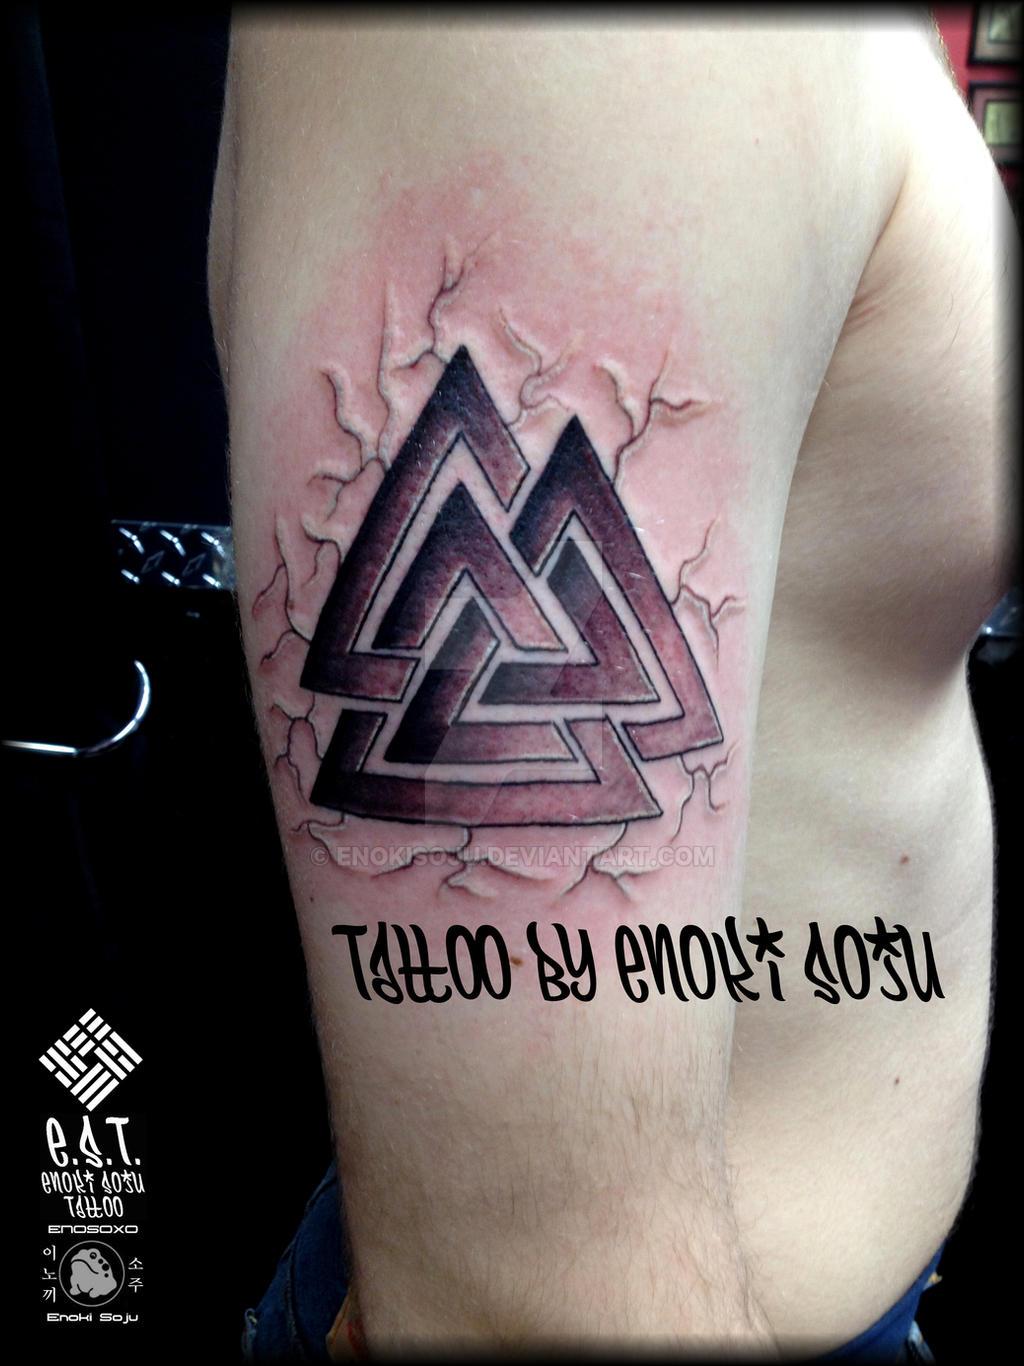 Valknut Viking Symbol Tattoo By Enoki Soju By Enokisoju On